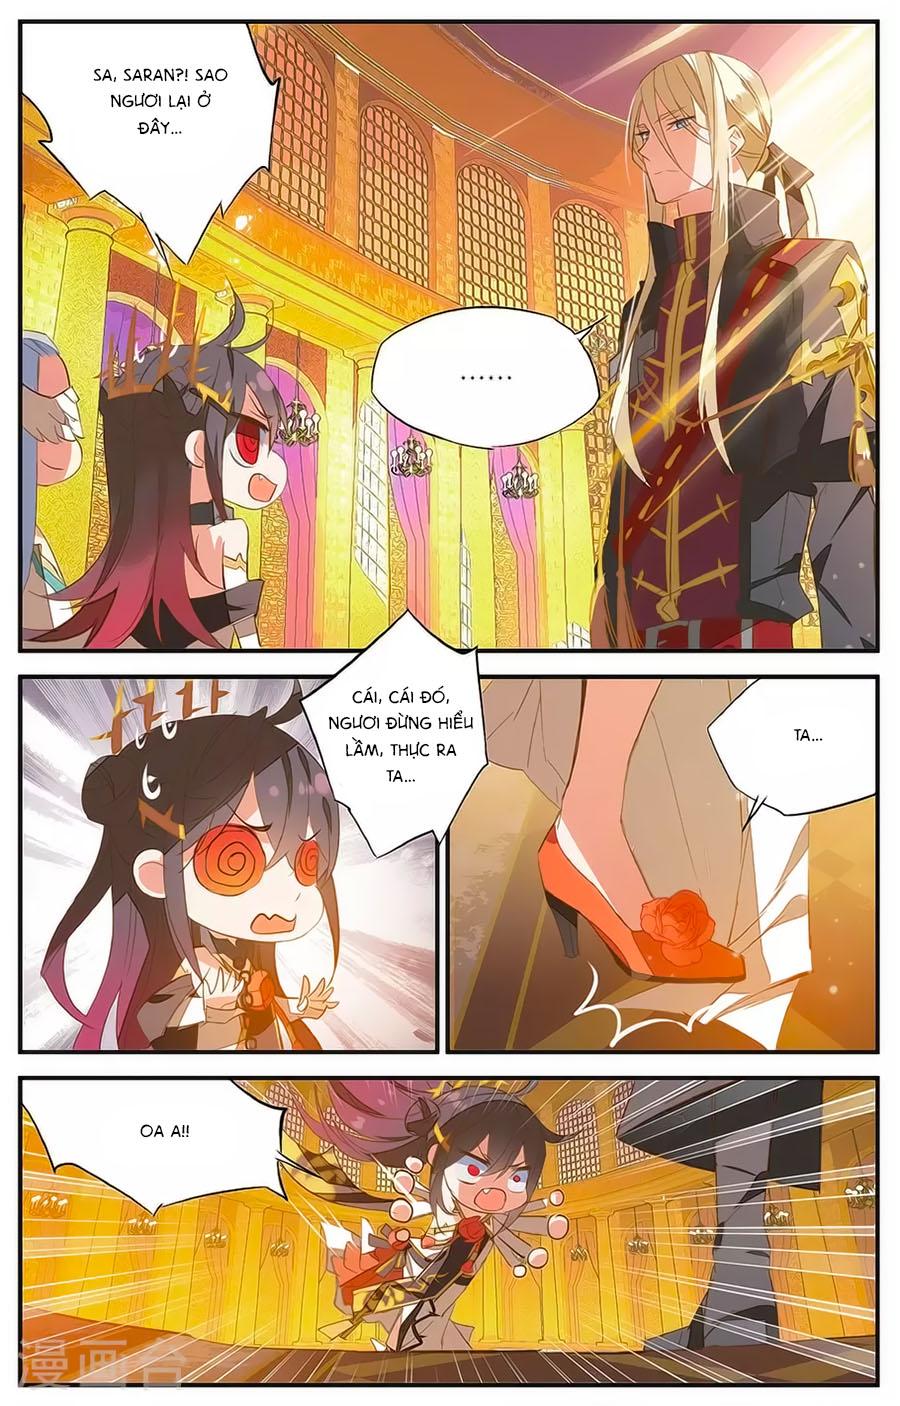 Nữ Nhân Dũng Cảm chap 61 - Trang 5